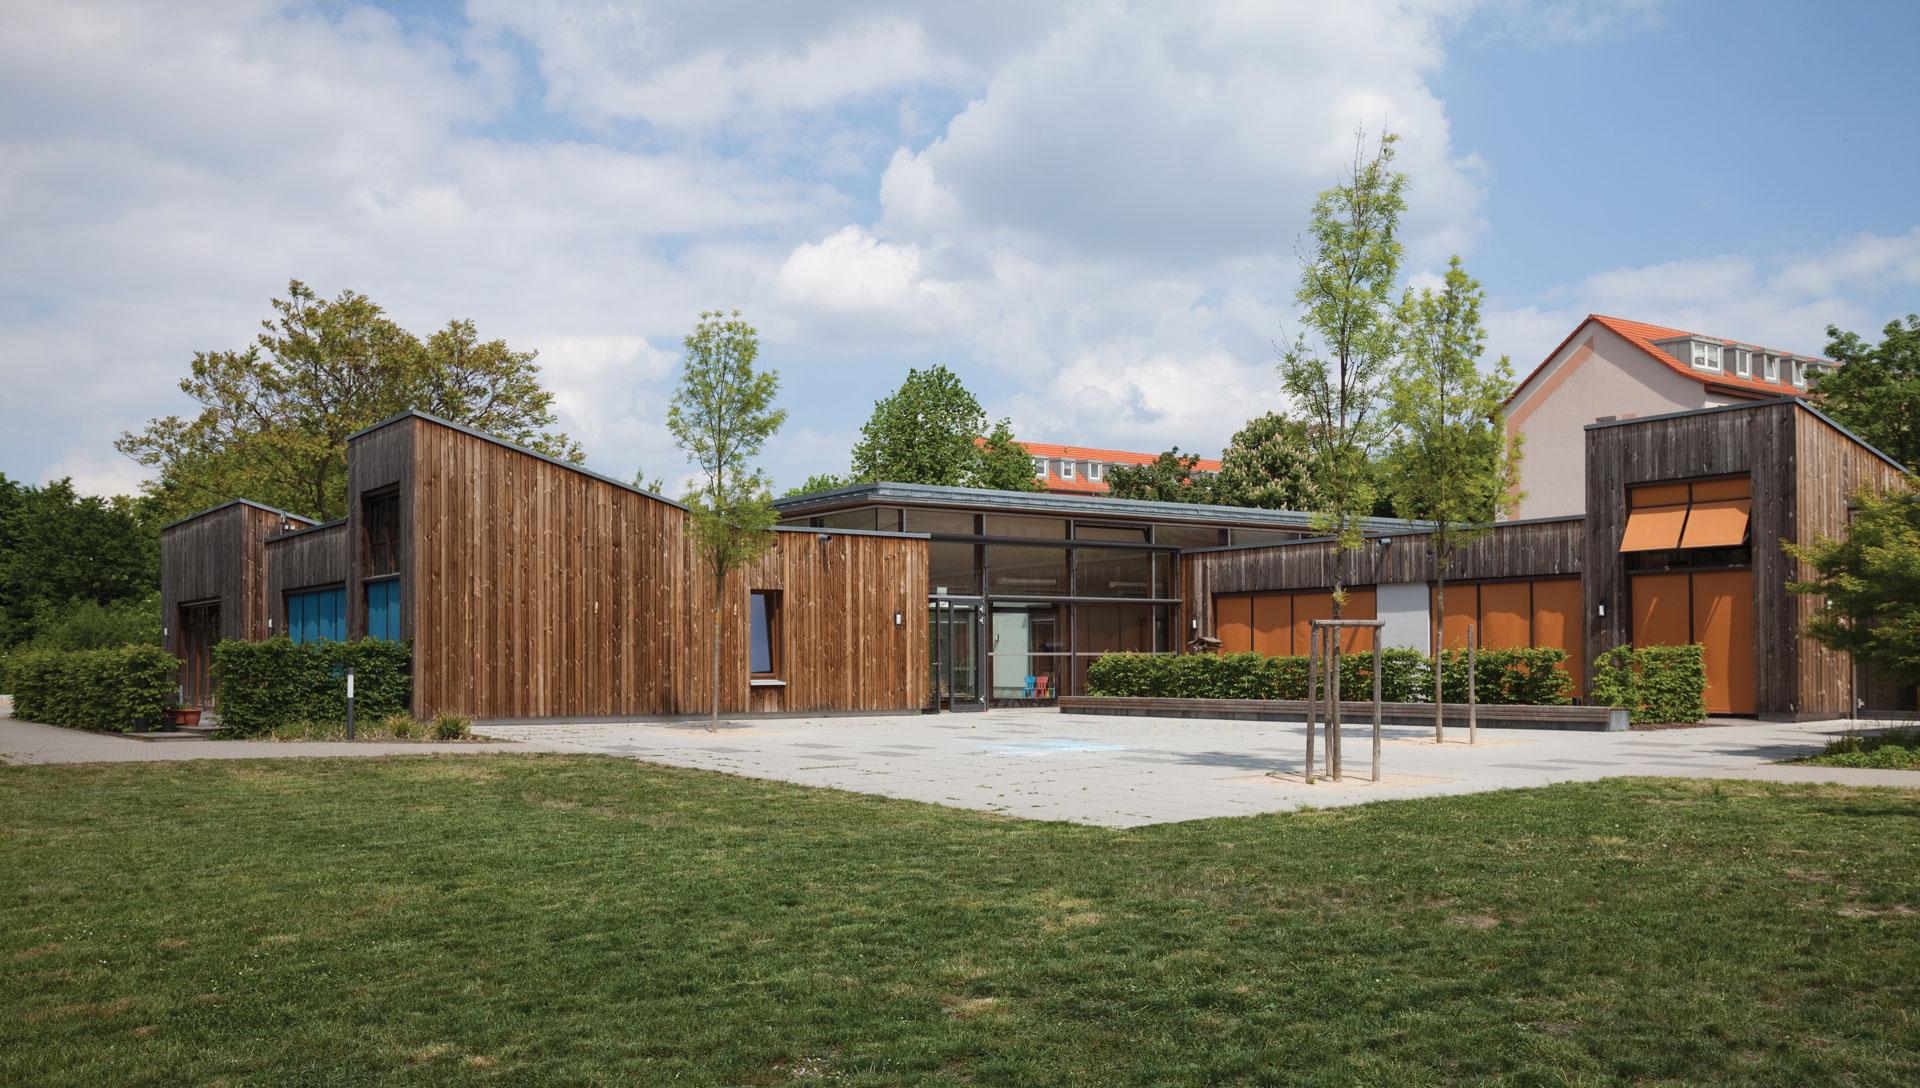 Architekten Erfurt kindergarten fuchsgrund erfurt trautwein architekten sitz erfurt